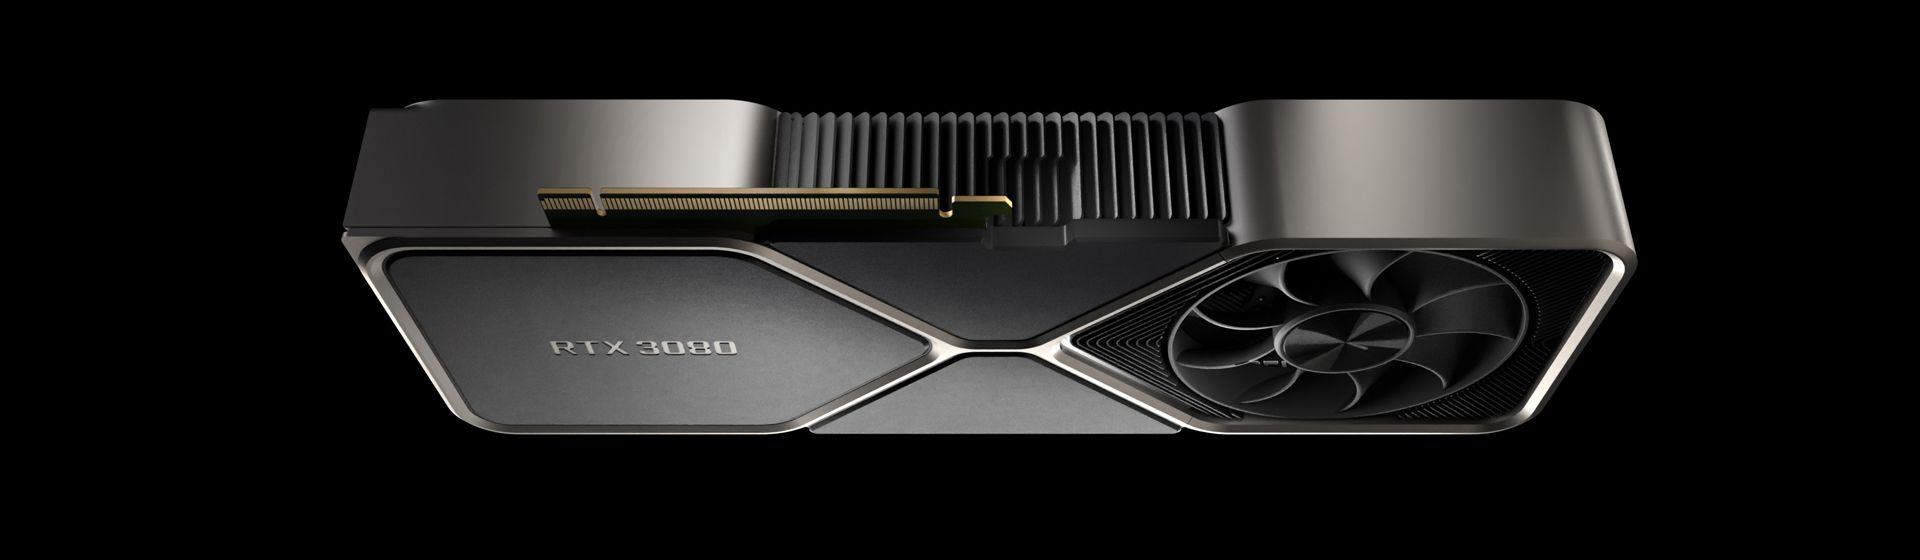 RTX 3080 Ti 20GB e RTX 3060 12GB aparecem em página de suporte da Asus